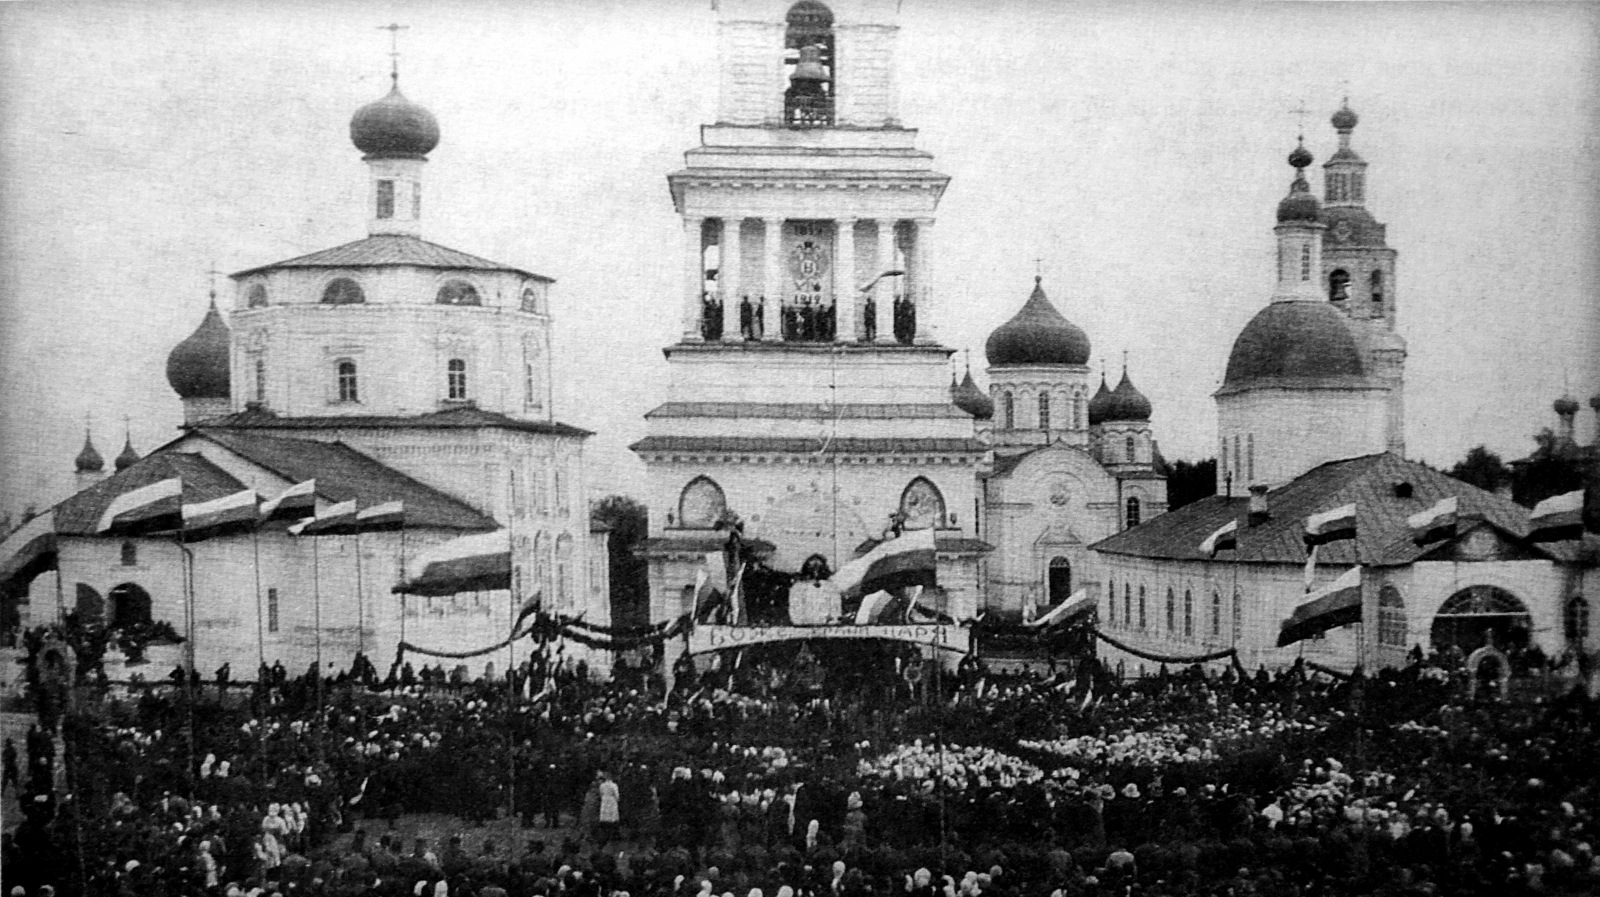 Соборная площадь. Столетие Отечественной войны 1812